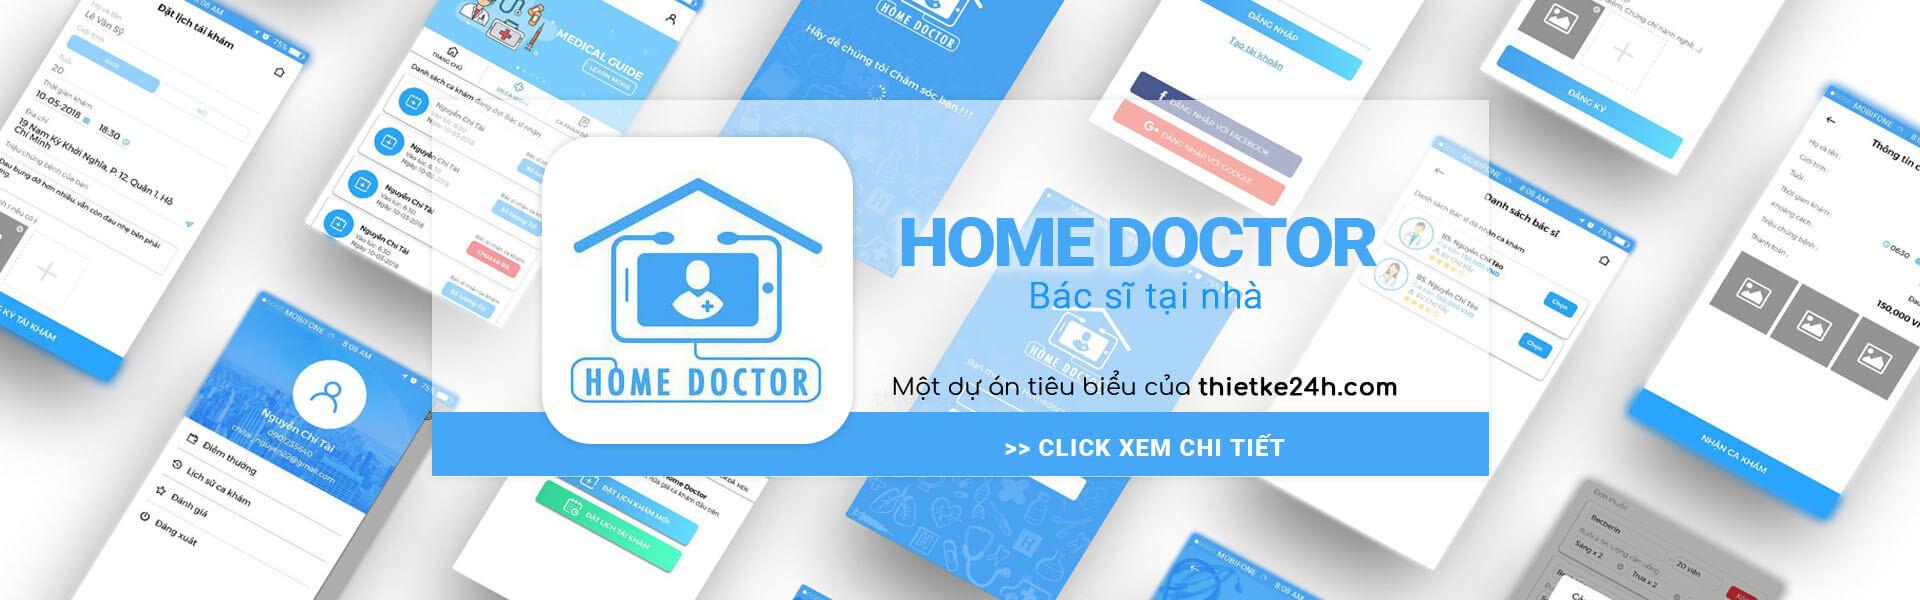 Home Doctor - Bác sĩ tại nhà